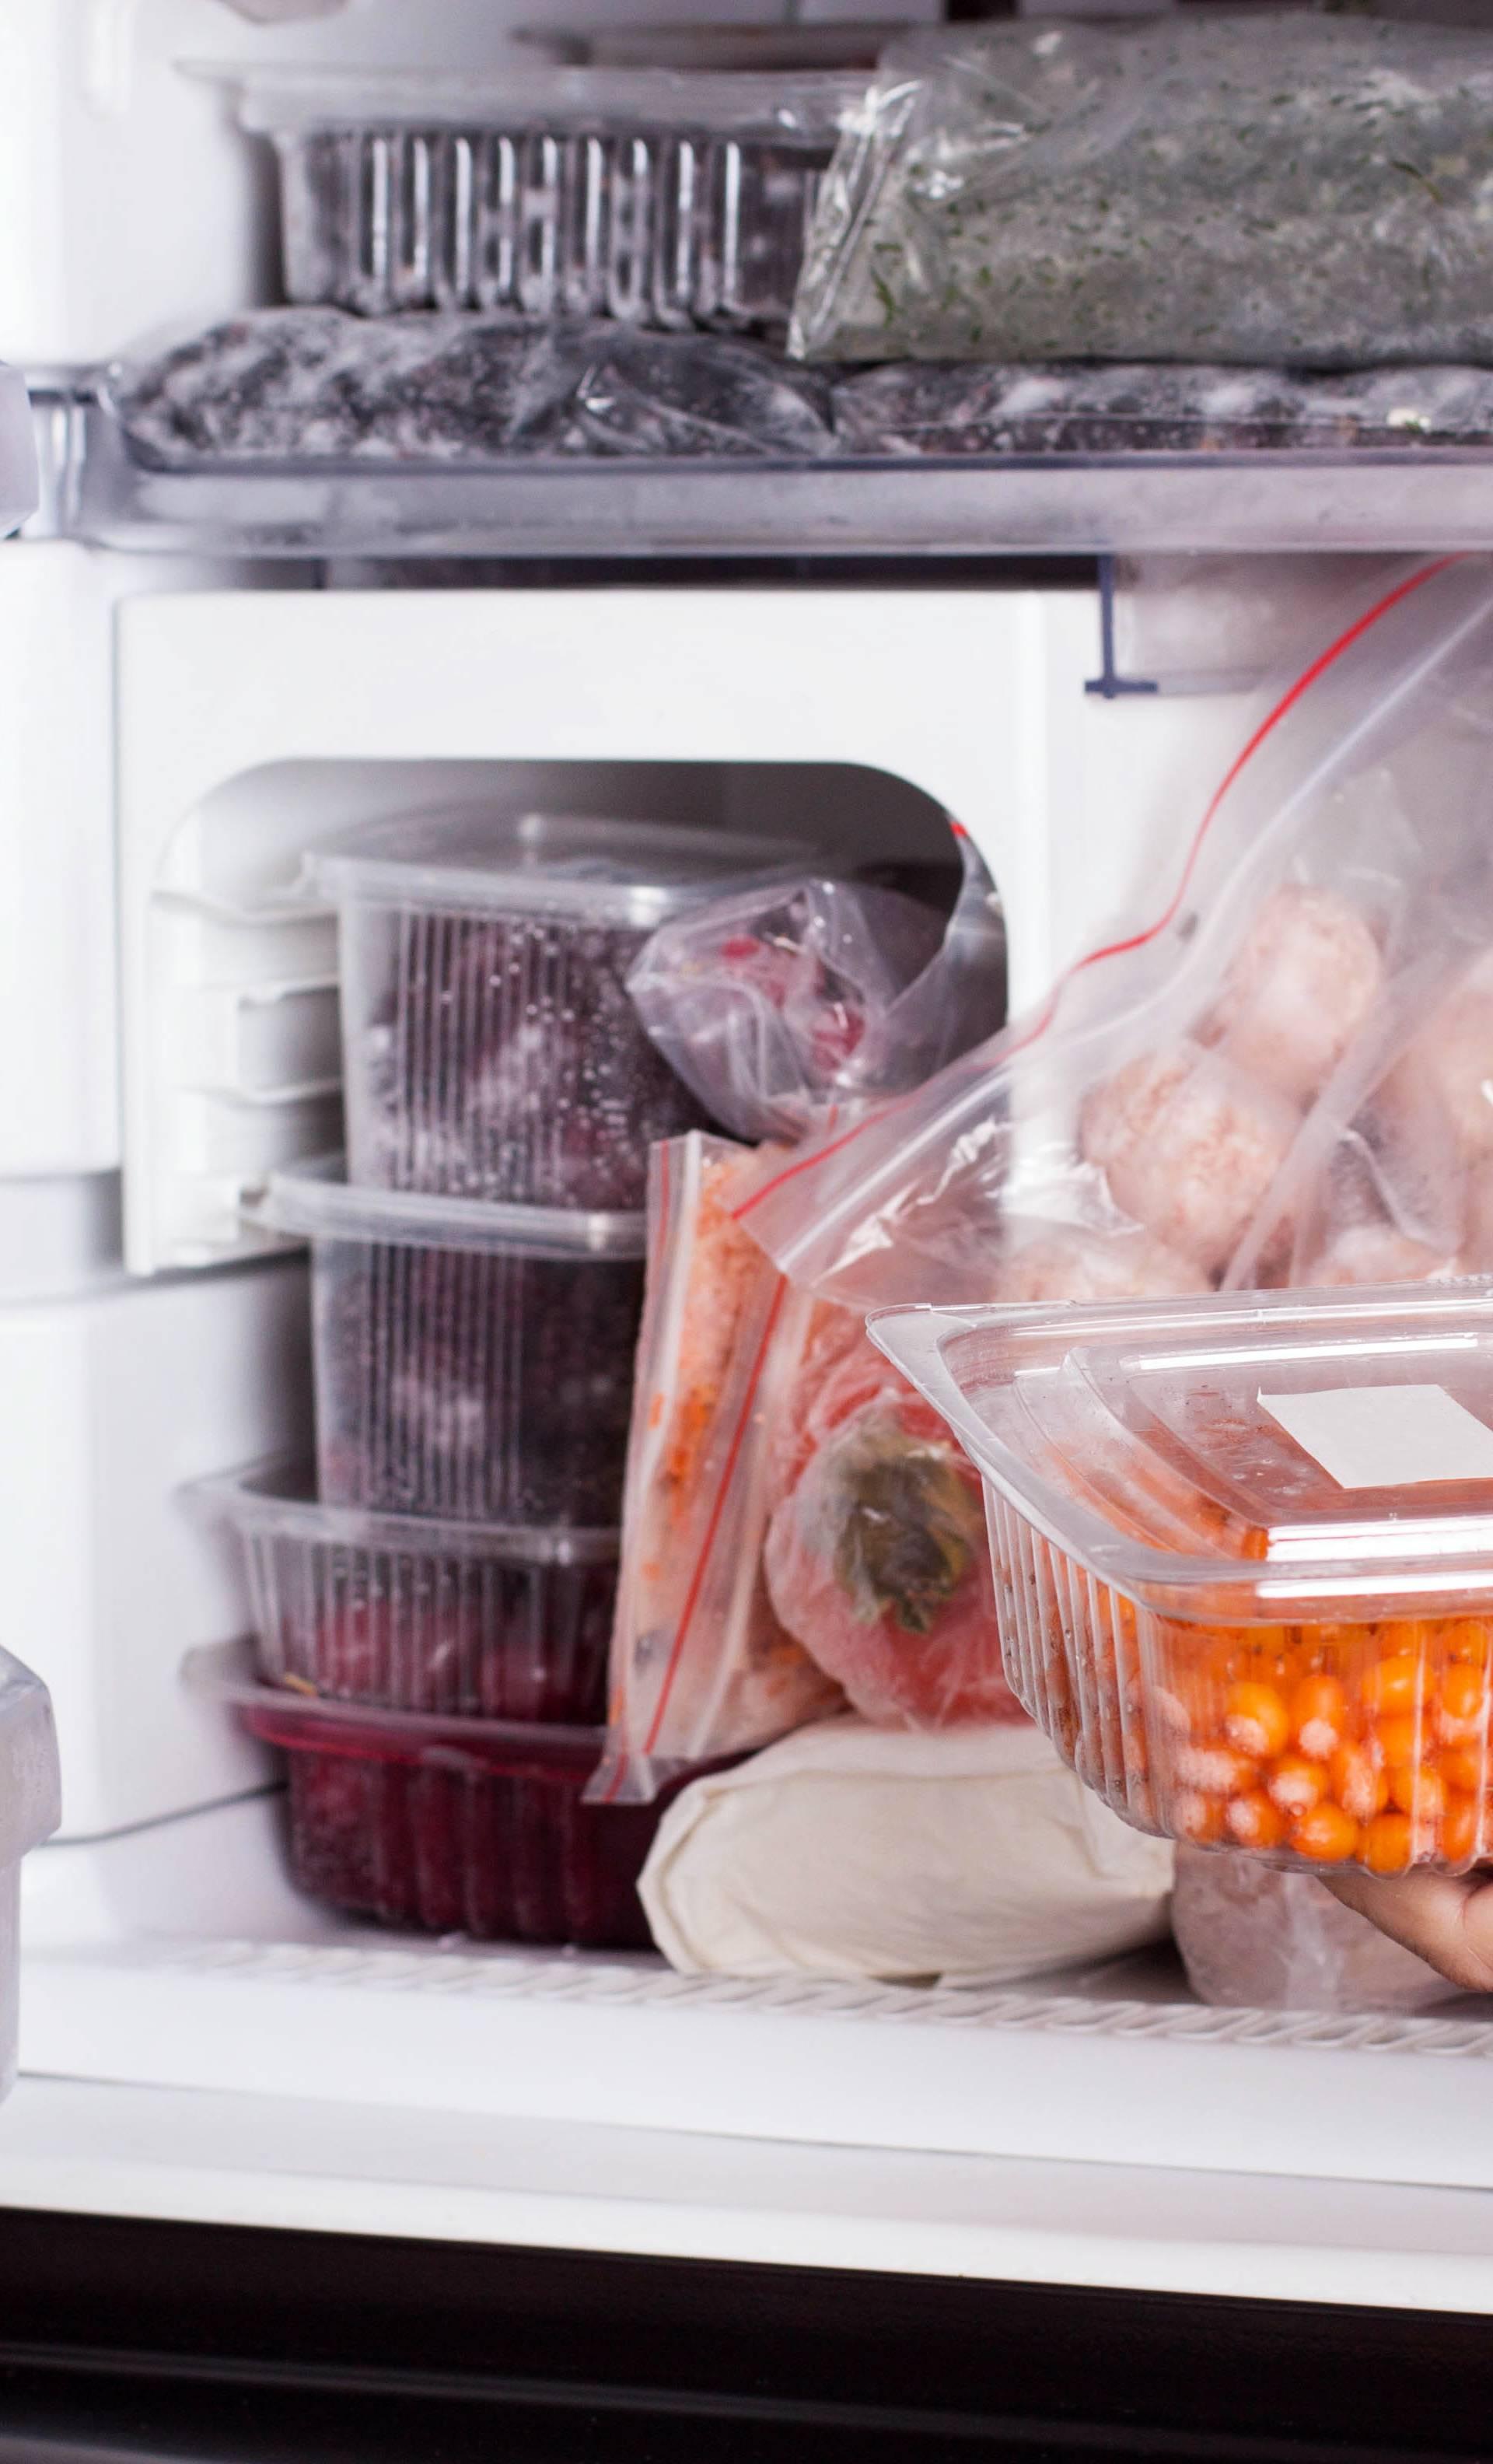 Vodič zamrzavanja viška hrane: Što i kako pohraniti, a što ne...